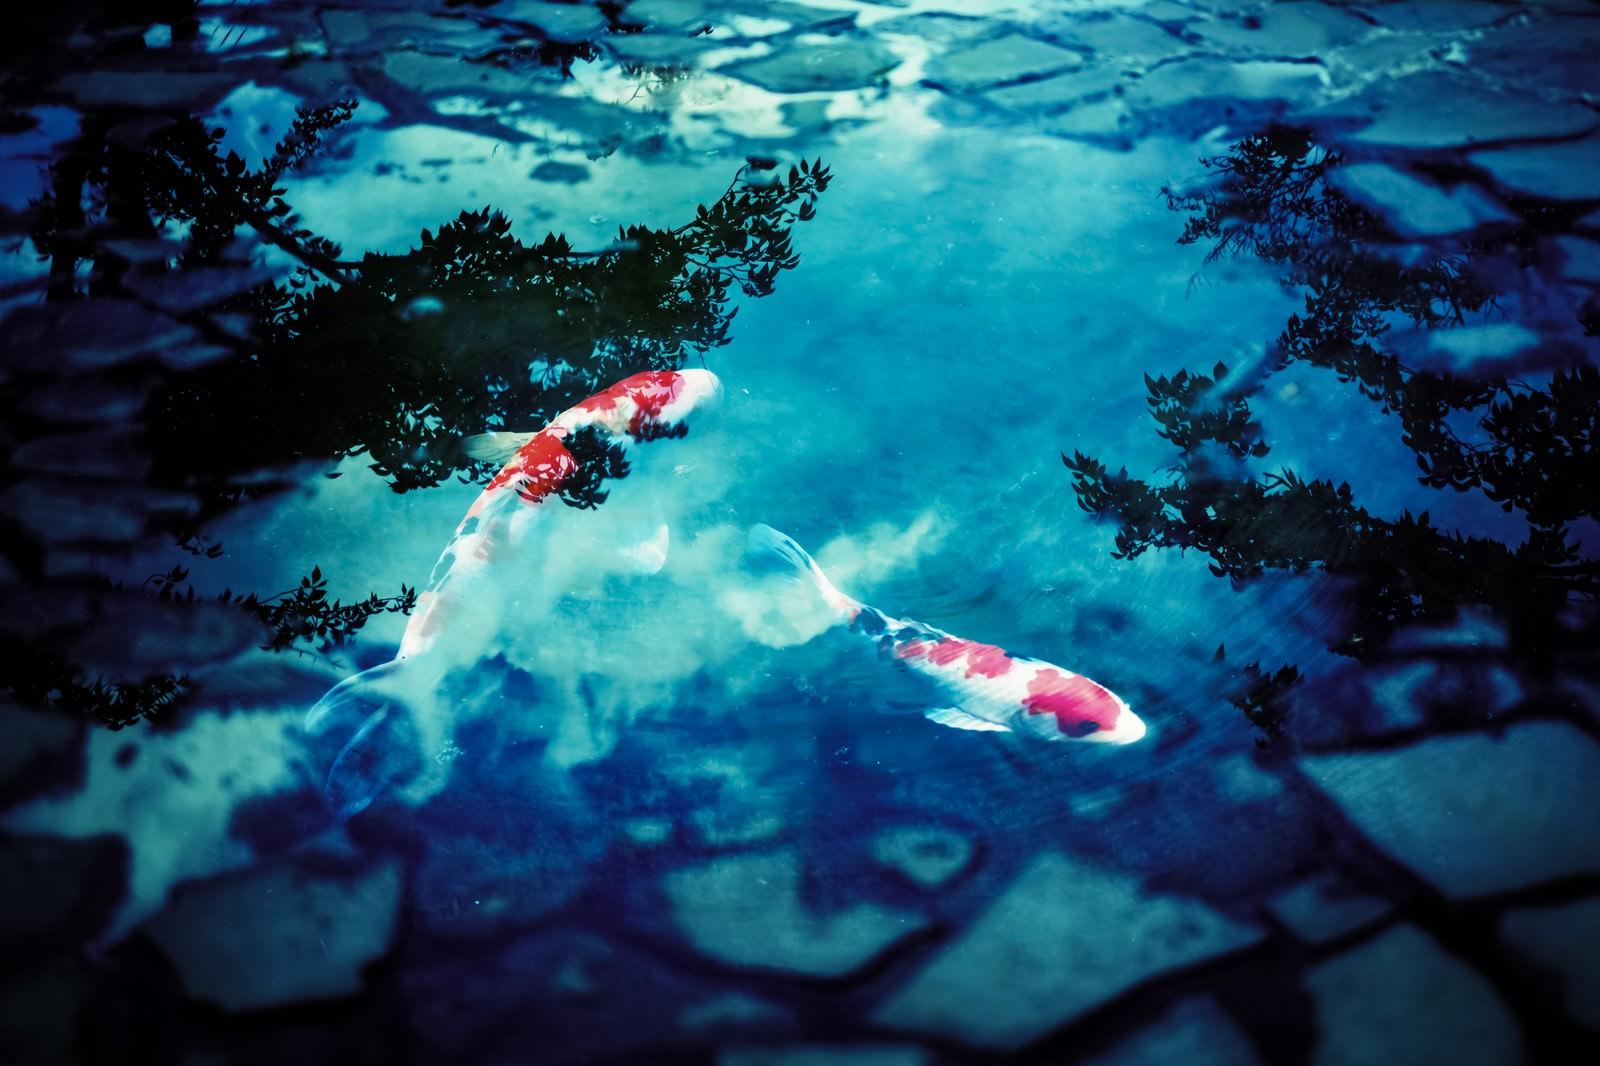 「水たまりと鯉(フォトモンタージュ)水たまりと鯉(フォトモンタージュ)」のフリー写真素材を拡大